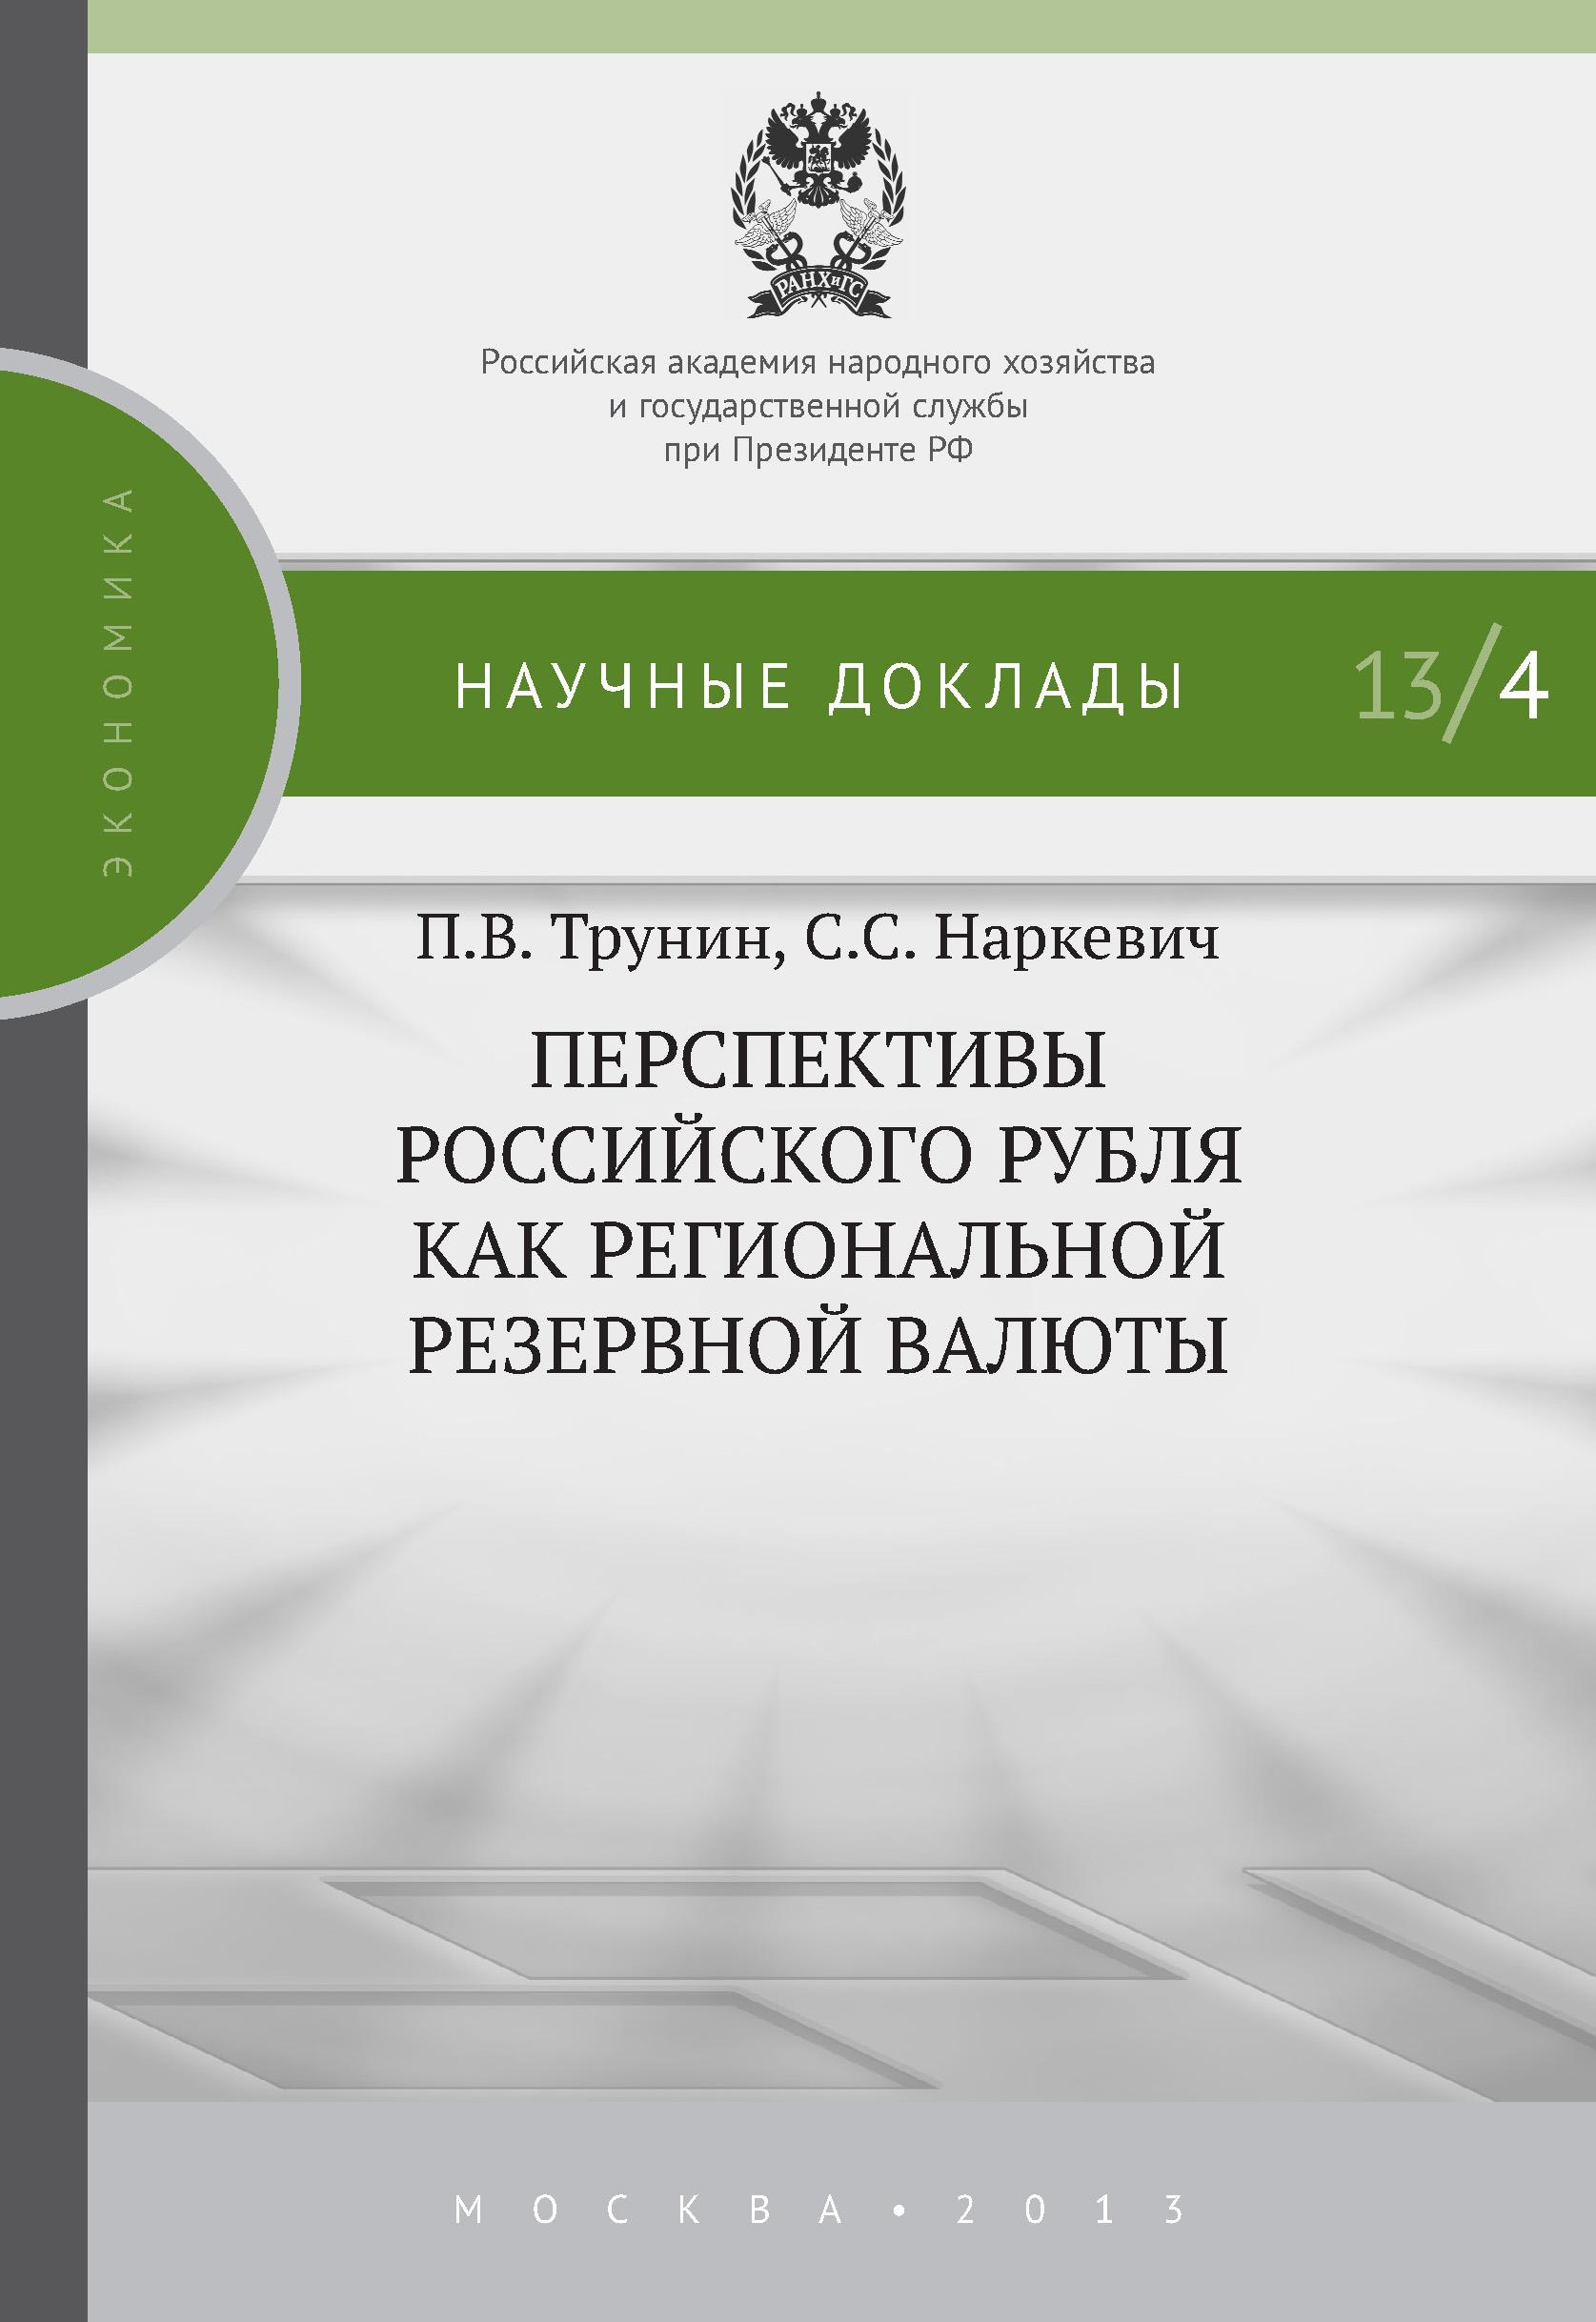 фото обложки издания Перспективы российского рубля как региональной резервной валюты